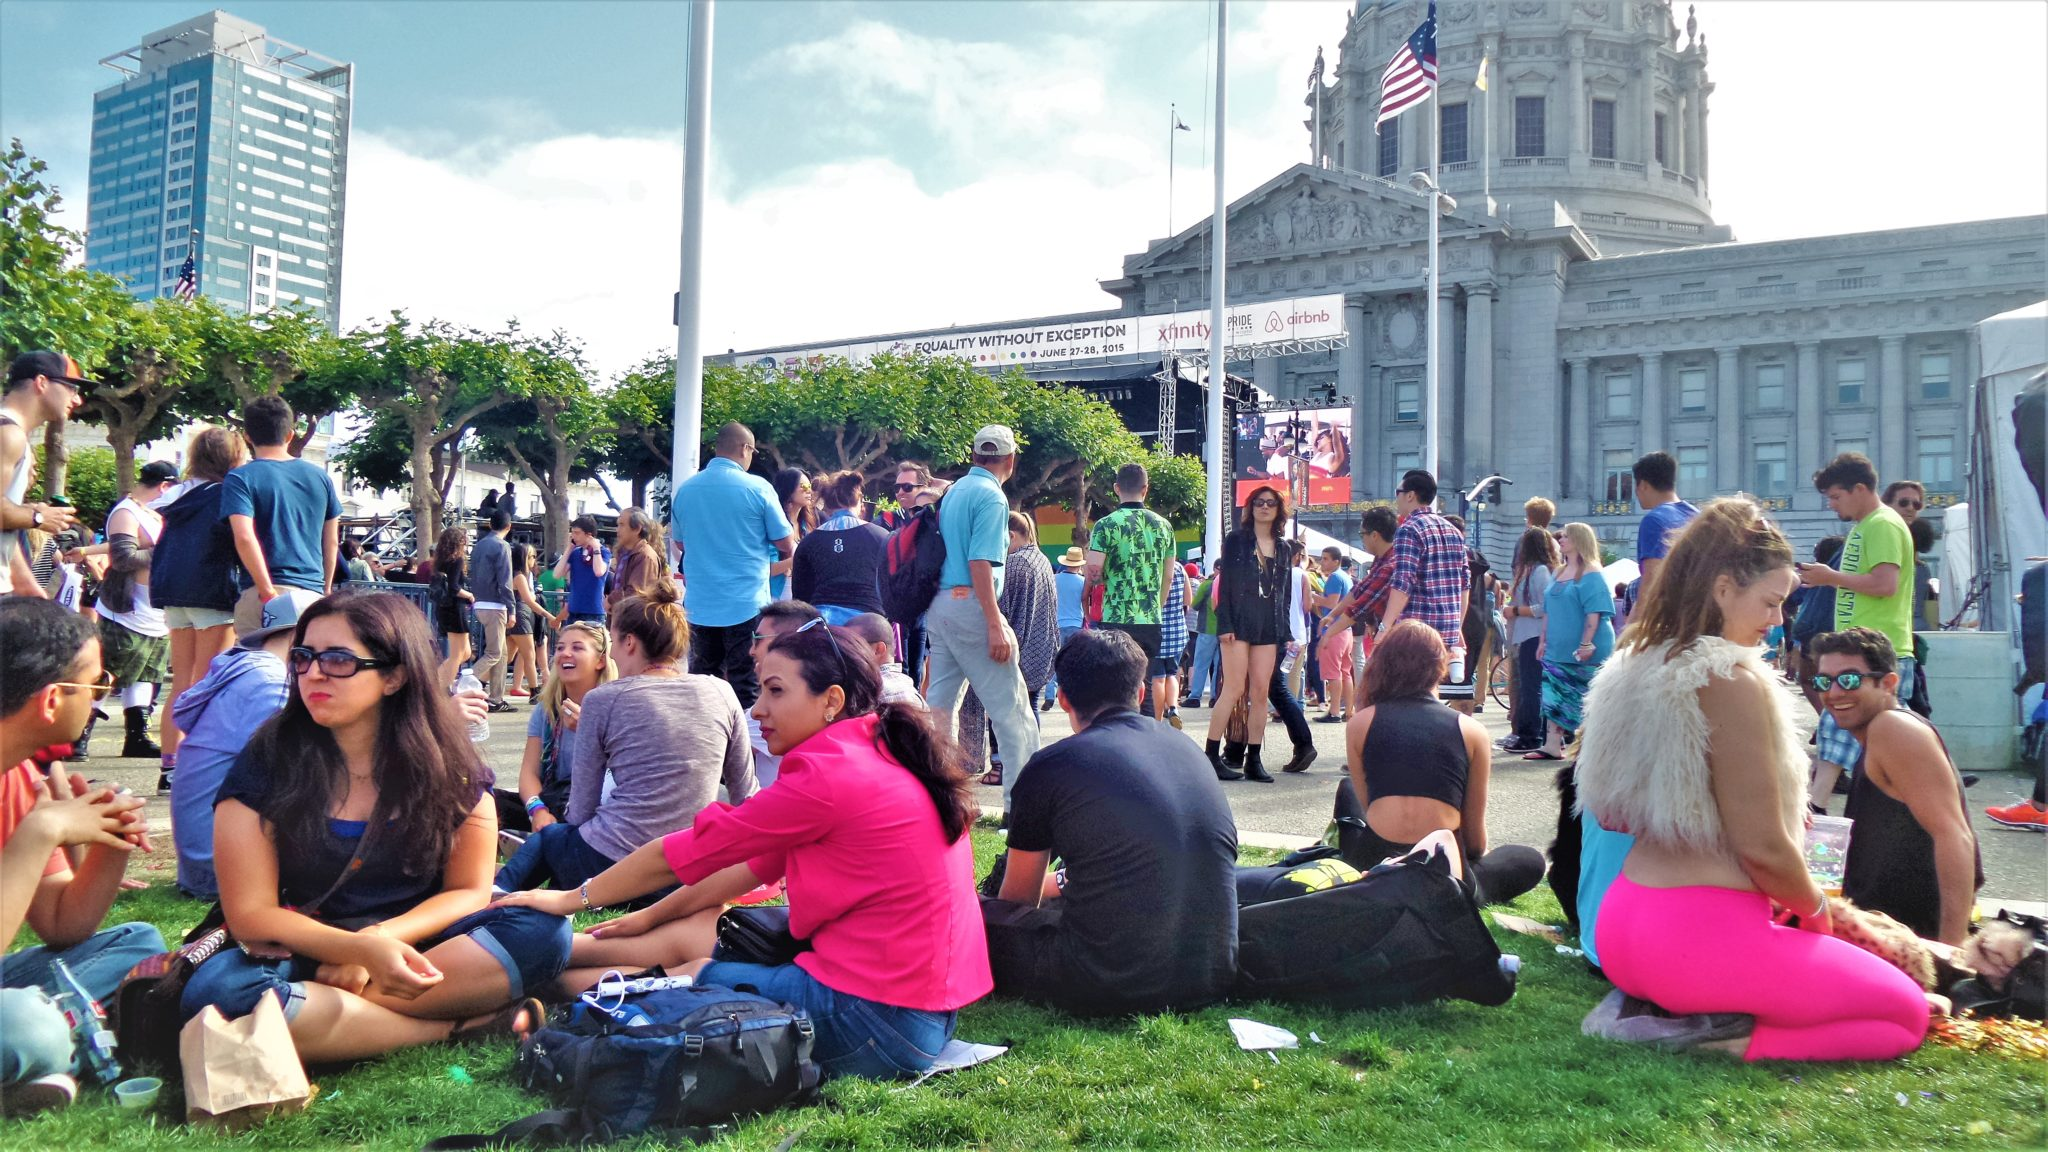 San Francisco Gay pride at the City Hall, California